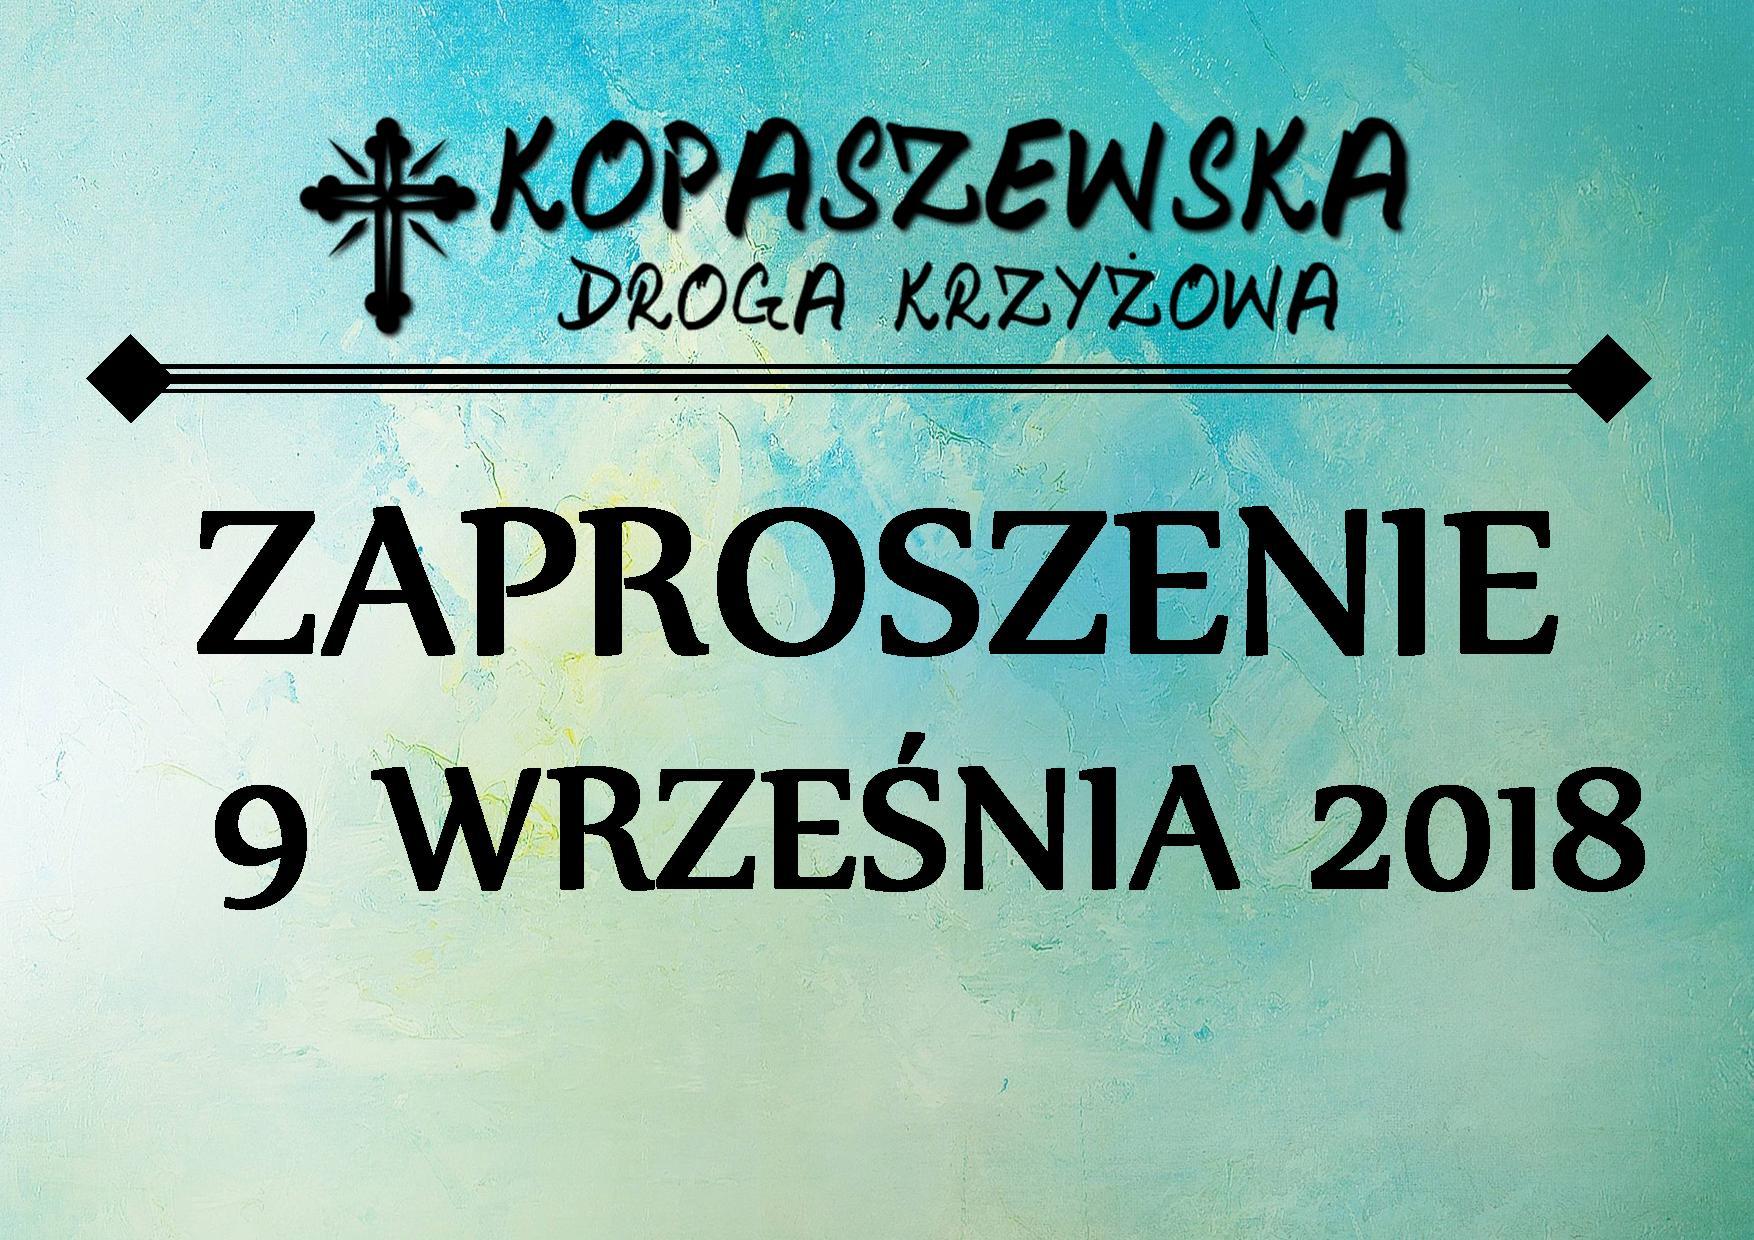 KDK 2018 - ZAPROSZENIE